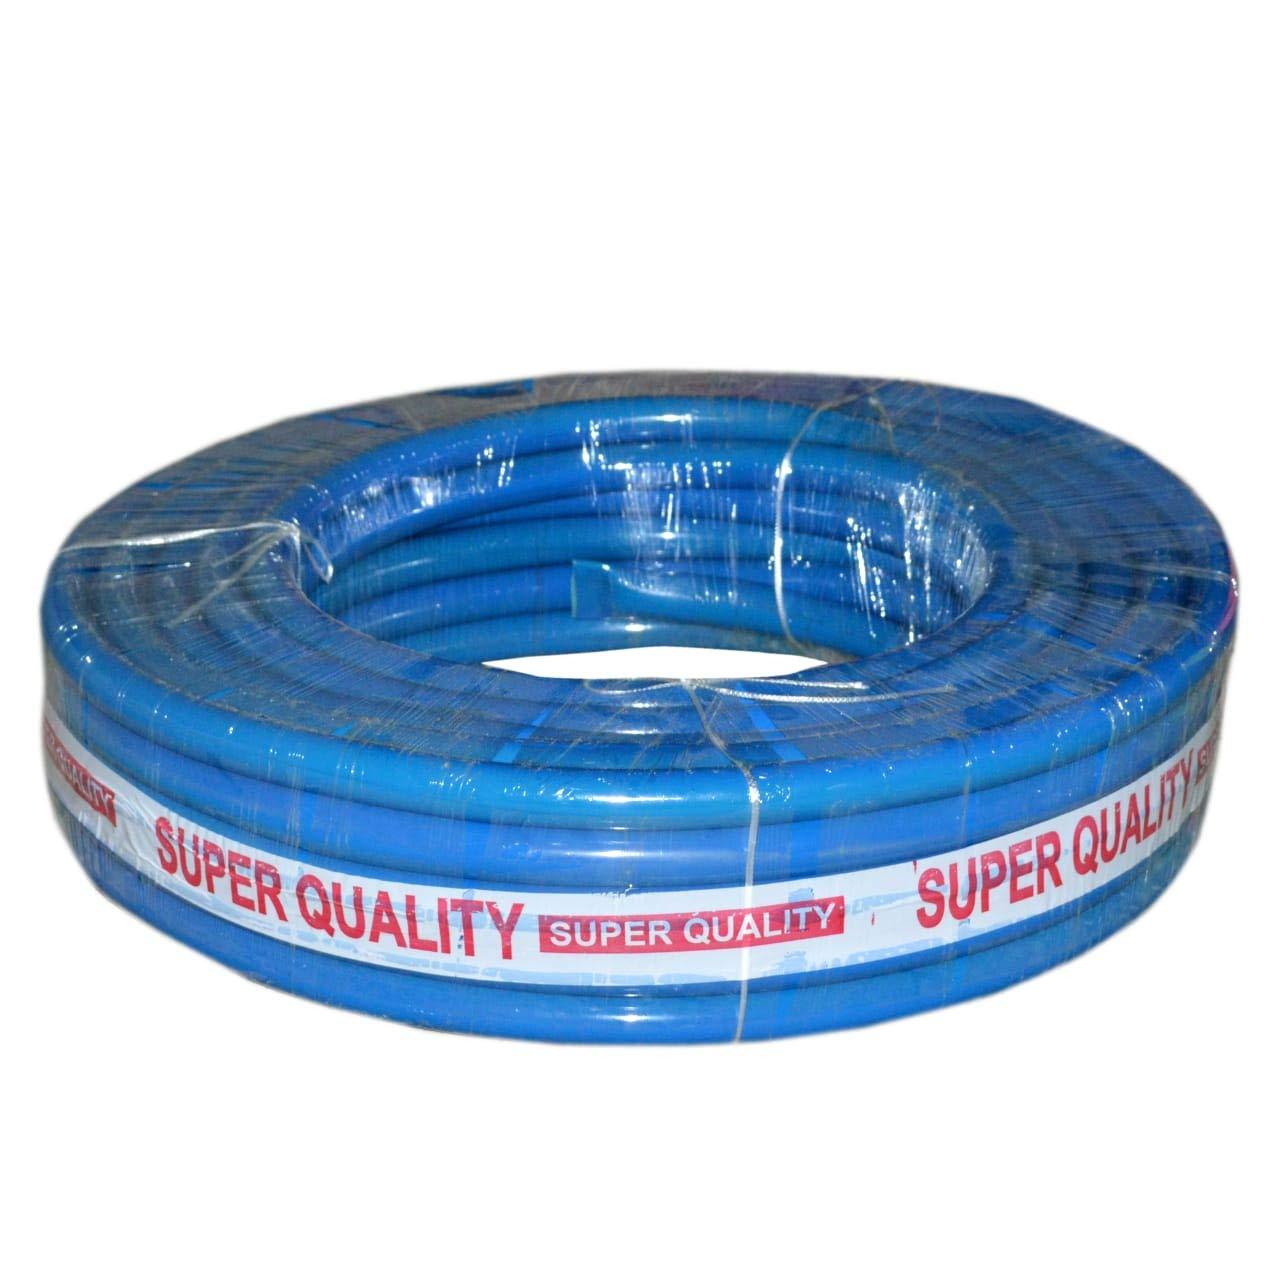 Beste Keine Verkaufssteuer Kostenloser Versand DC NEXT PVC Garden Hose Water Pipe (30 m, 0.5 inches, Multicolour)